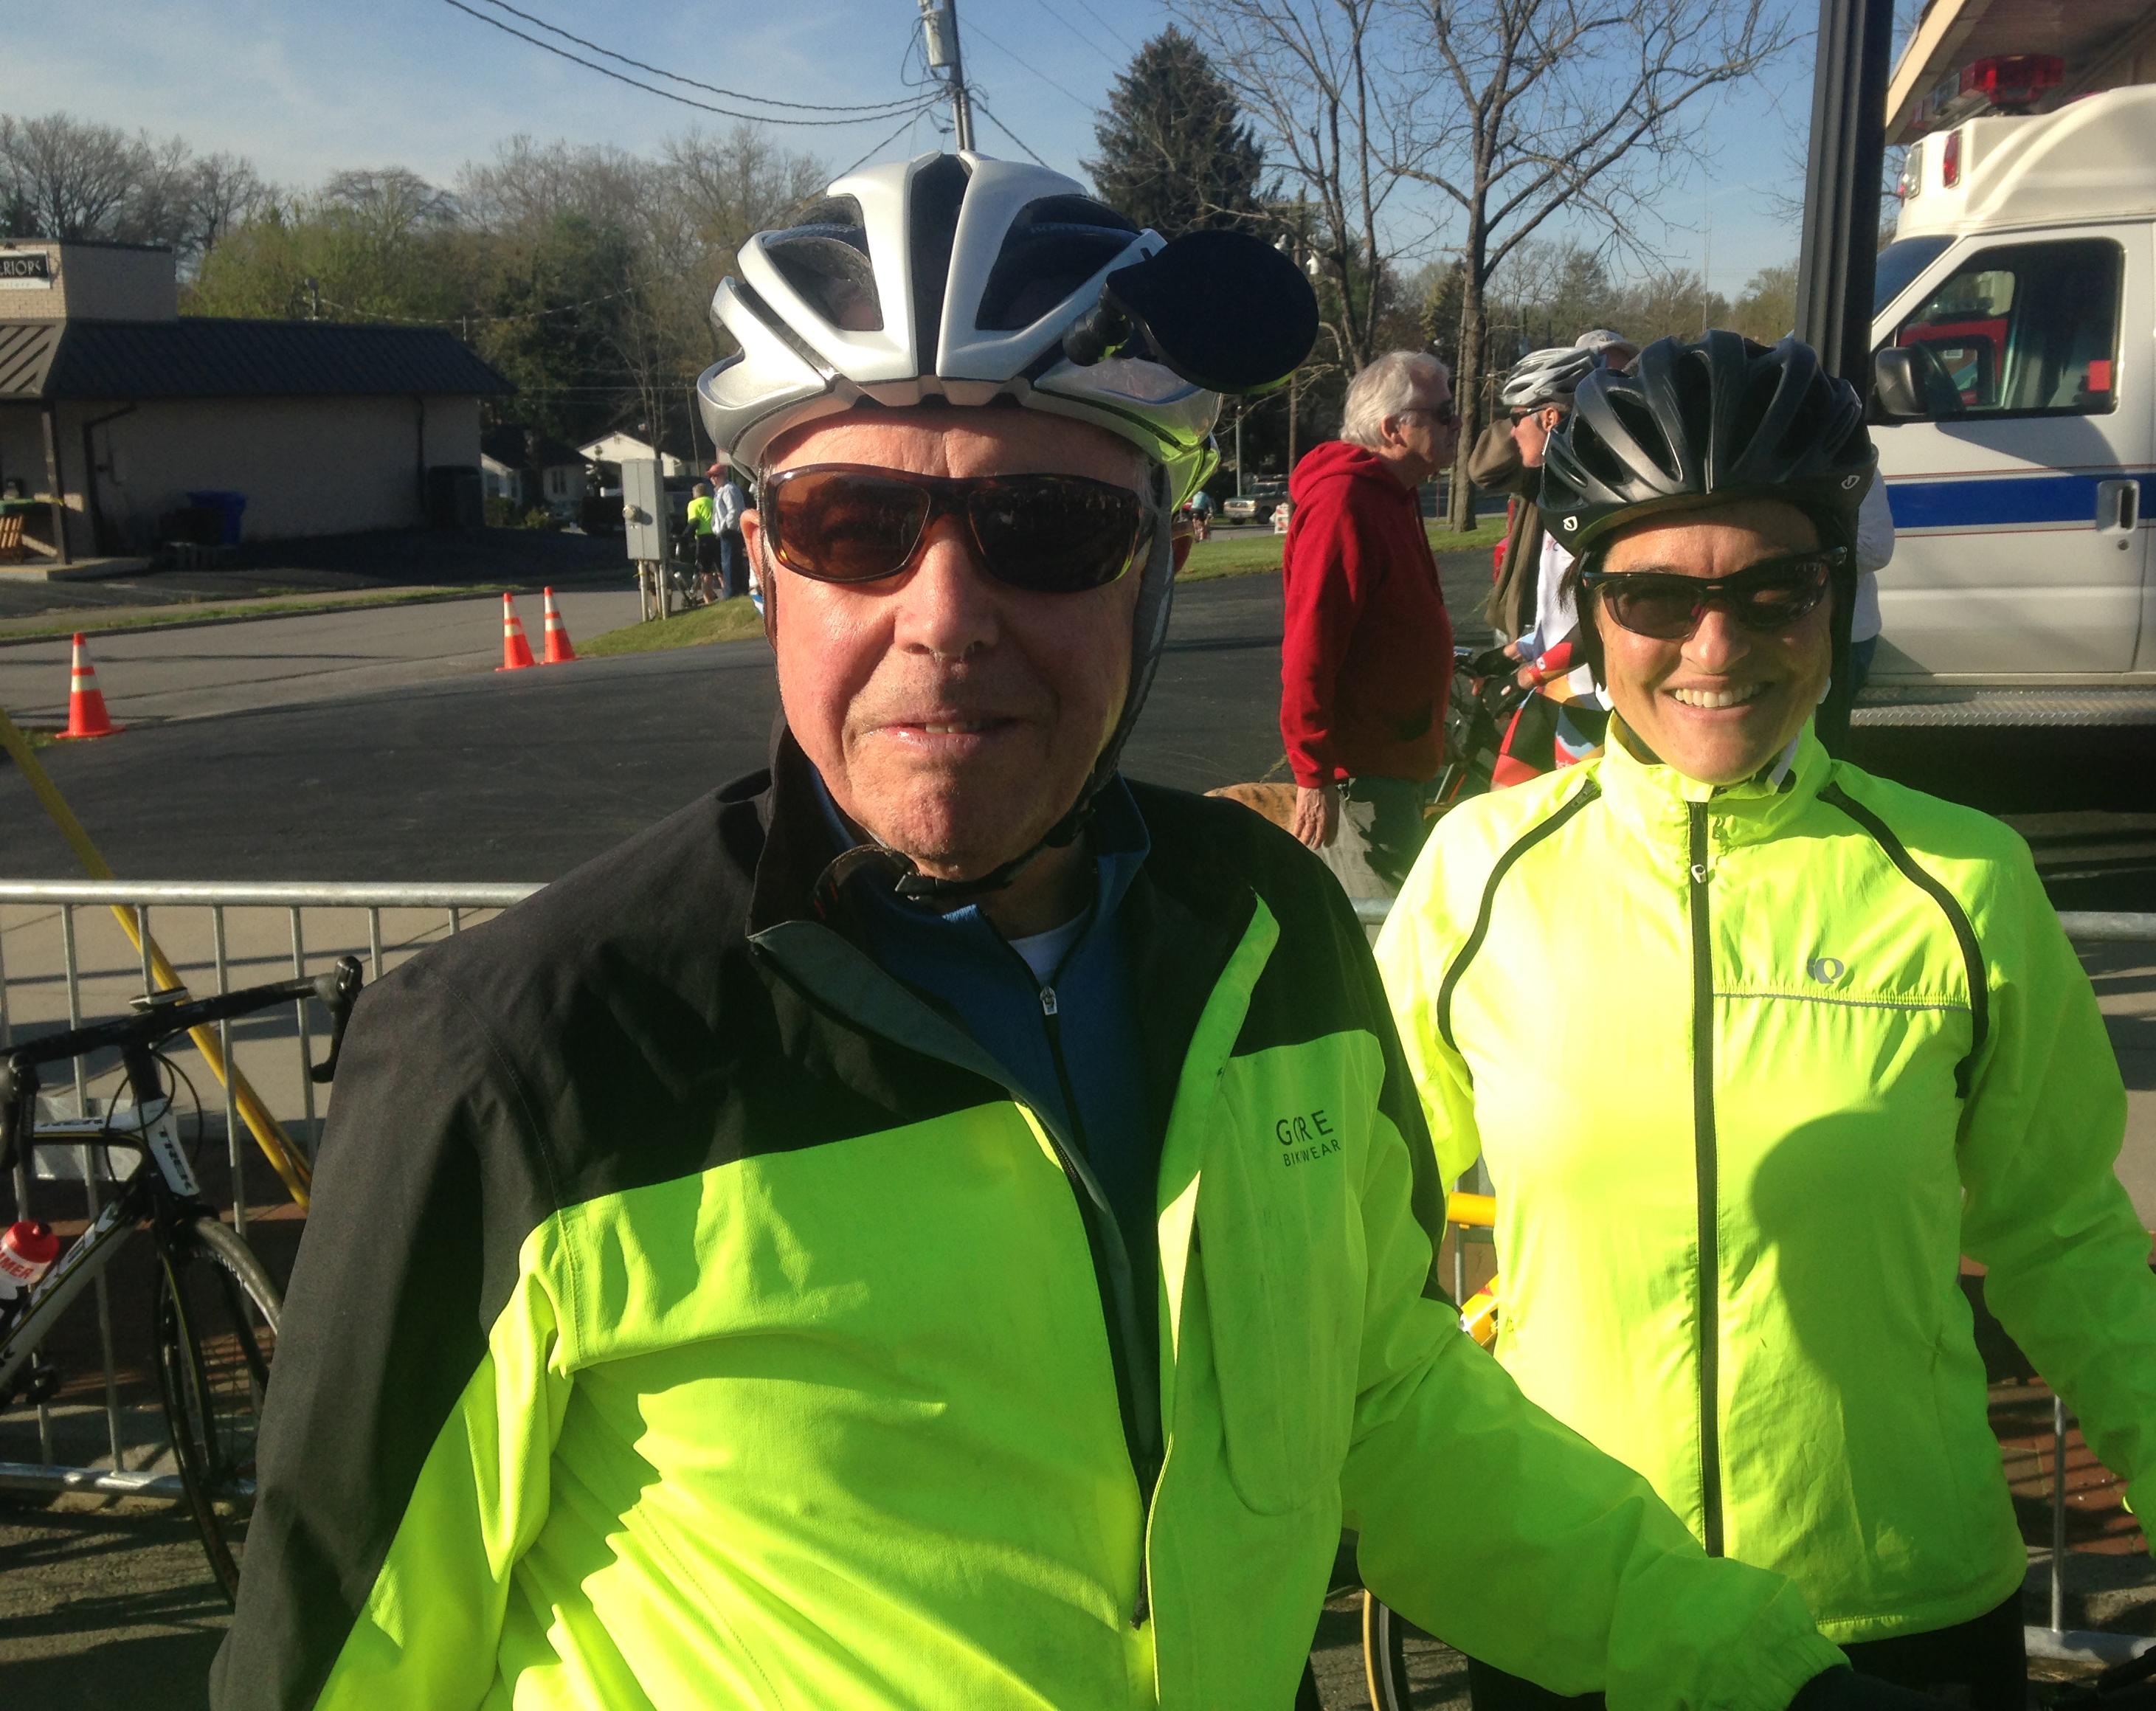 EK Morley & Jen Billstrom at the start of Bike Tour of the Carolinas